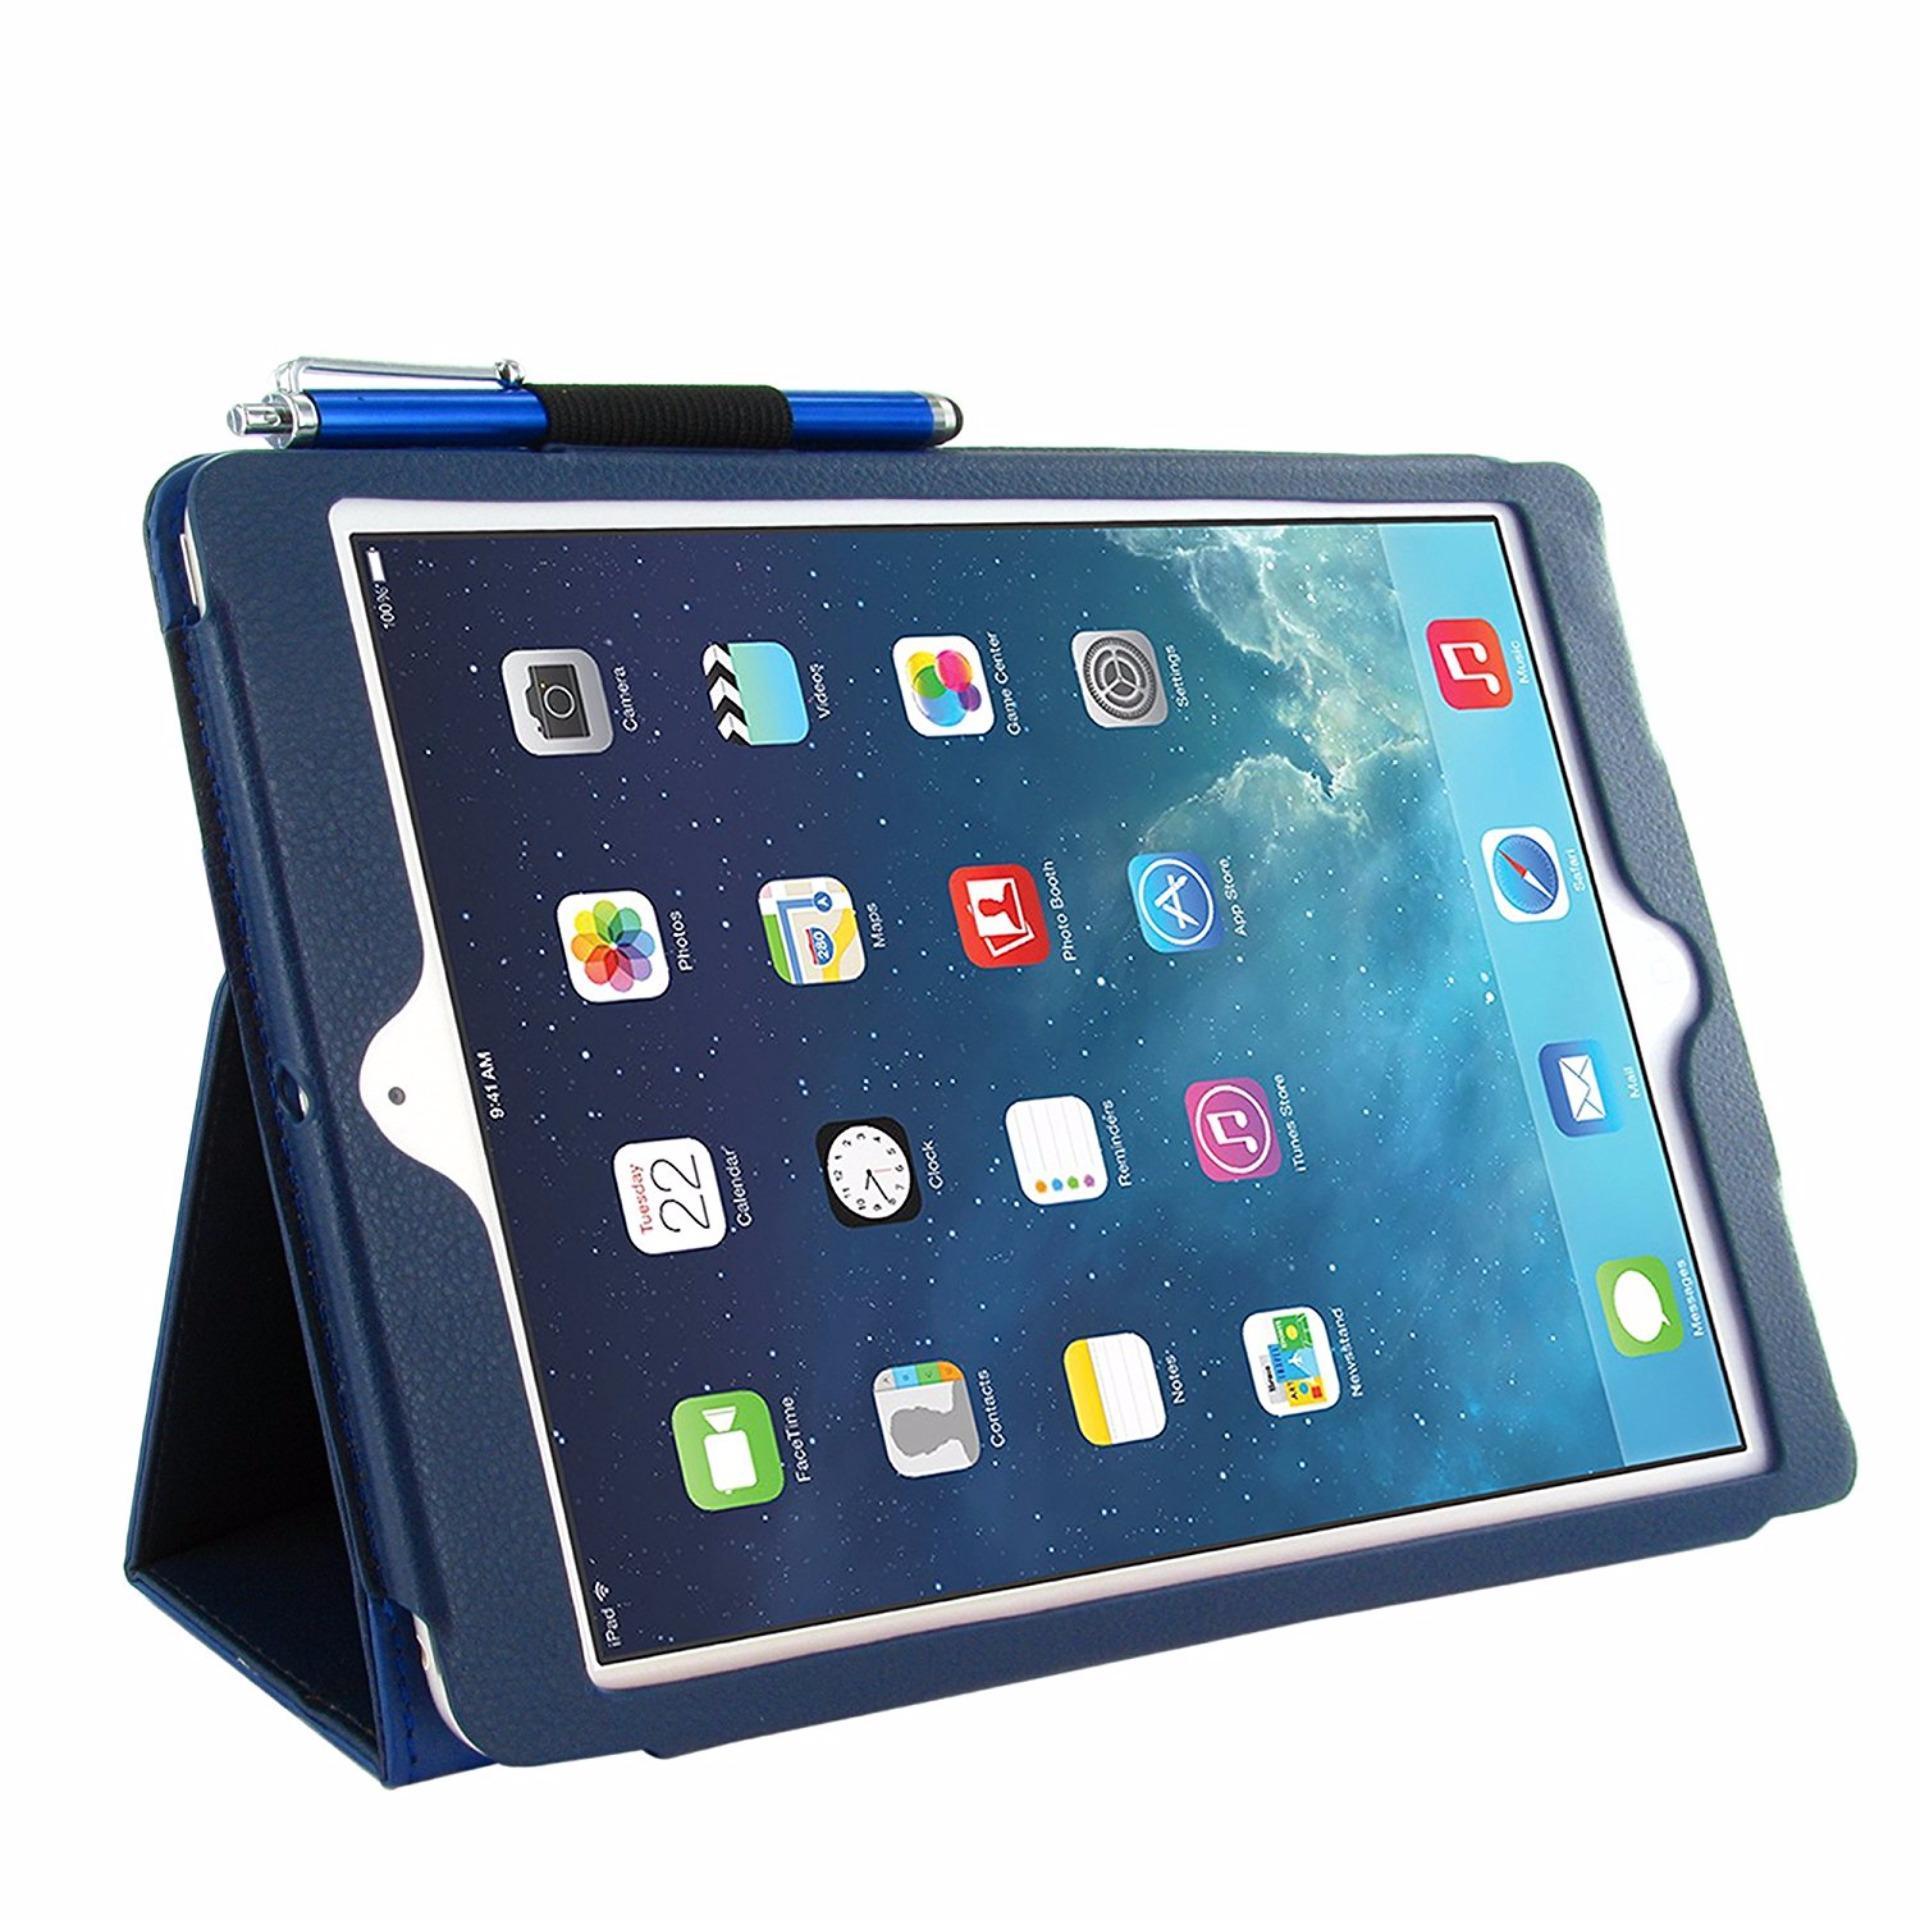 Bao da ốp lưng iPad 2 3 4 Hàng cao cấp - Phụ kiện cho bạn vip 368